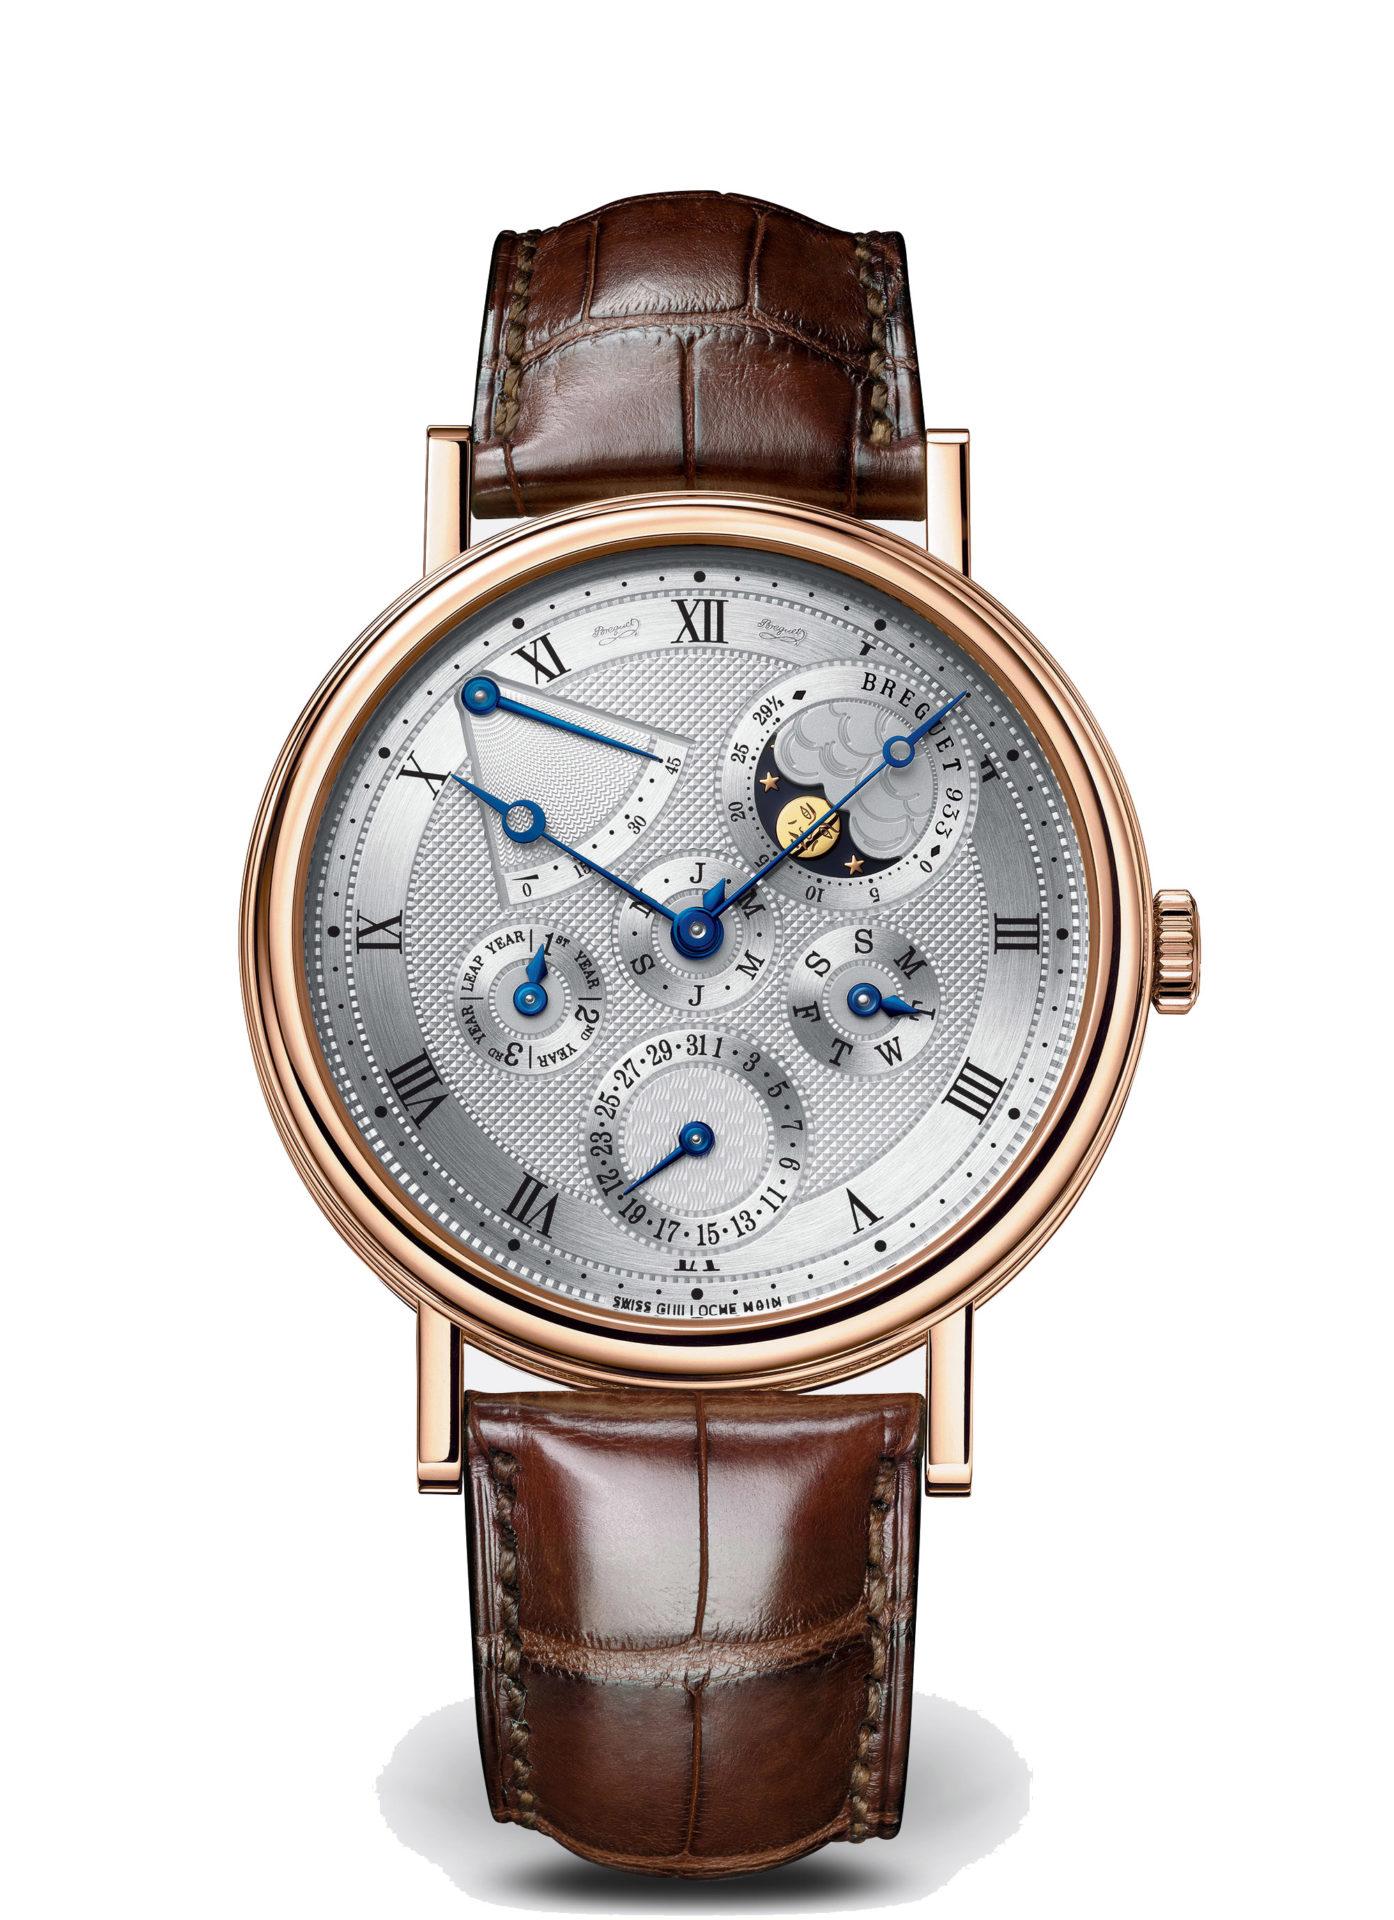 Breguet-Classique-5327-Hall-of-Time-5327br-1e-9v6-0 copie